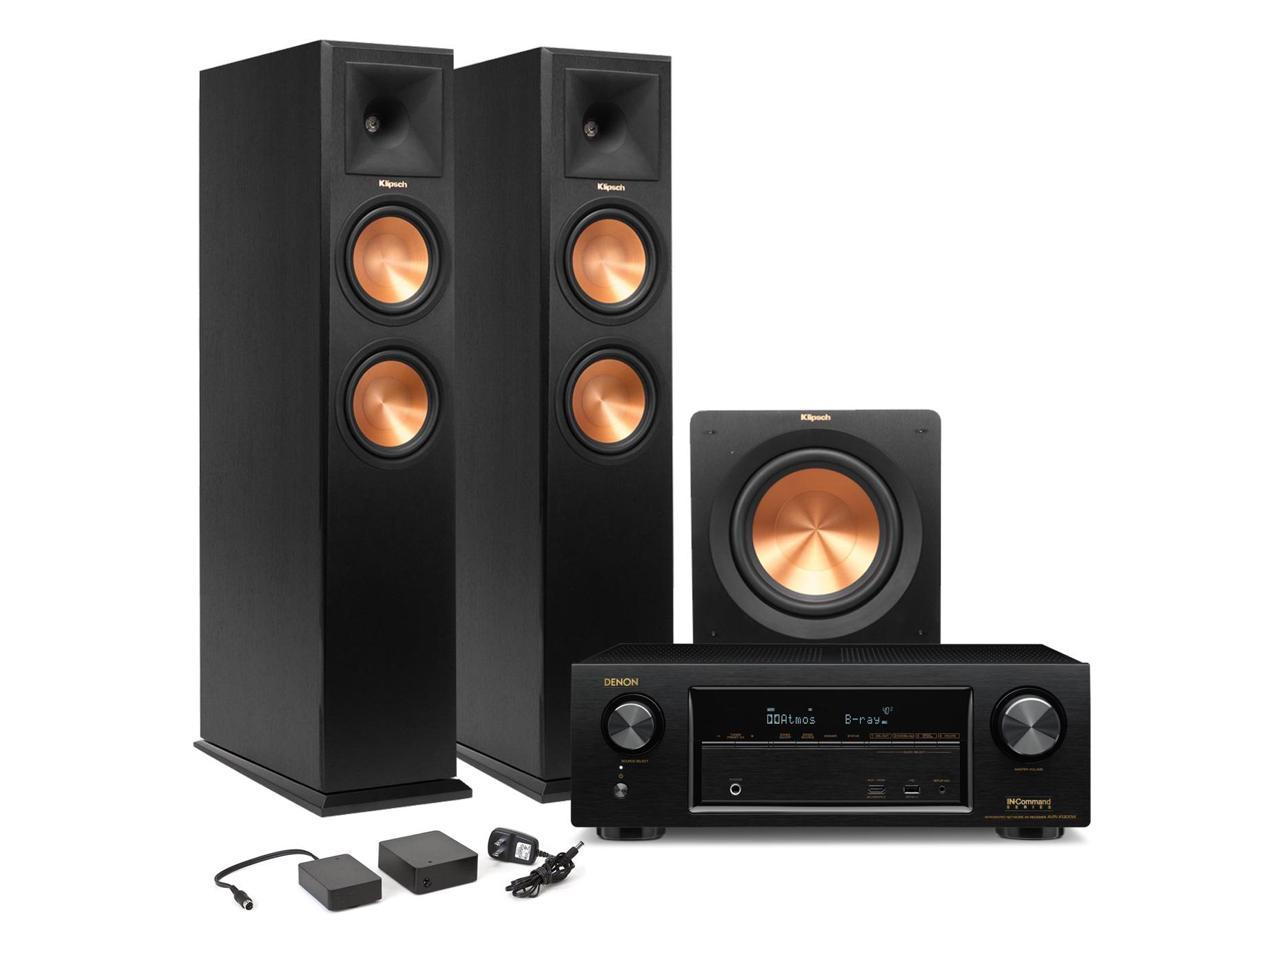 Denon AVR-X1300W 7.2 Channel Full 4K Ultra HD Network A/V Receiver and Klipsch RP-260F 2.1 Speaker Package (Ebony)